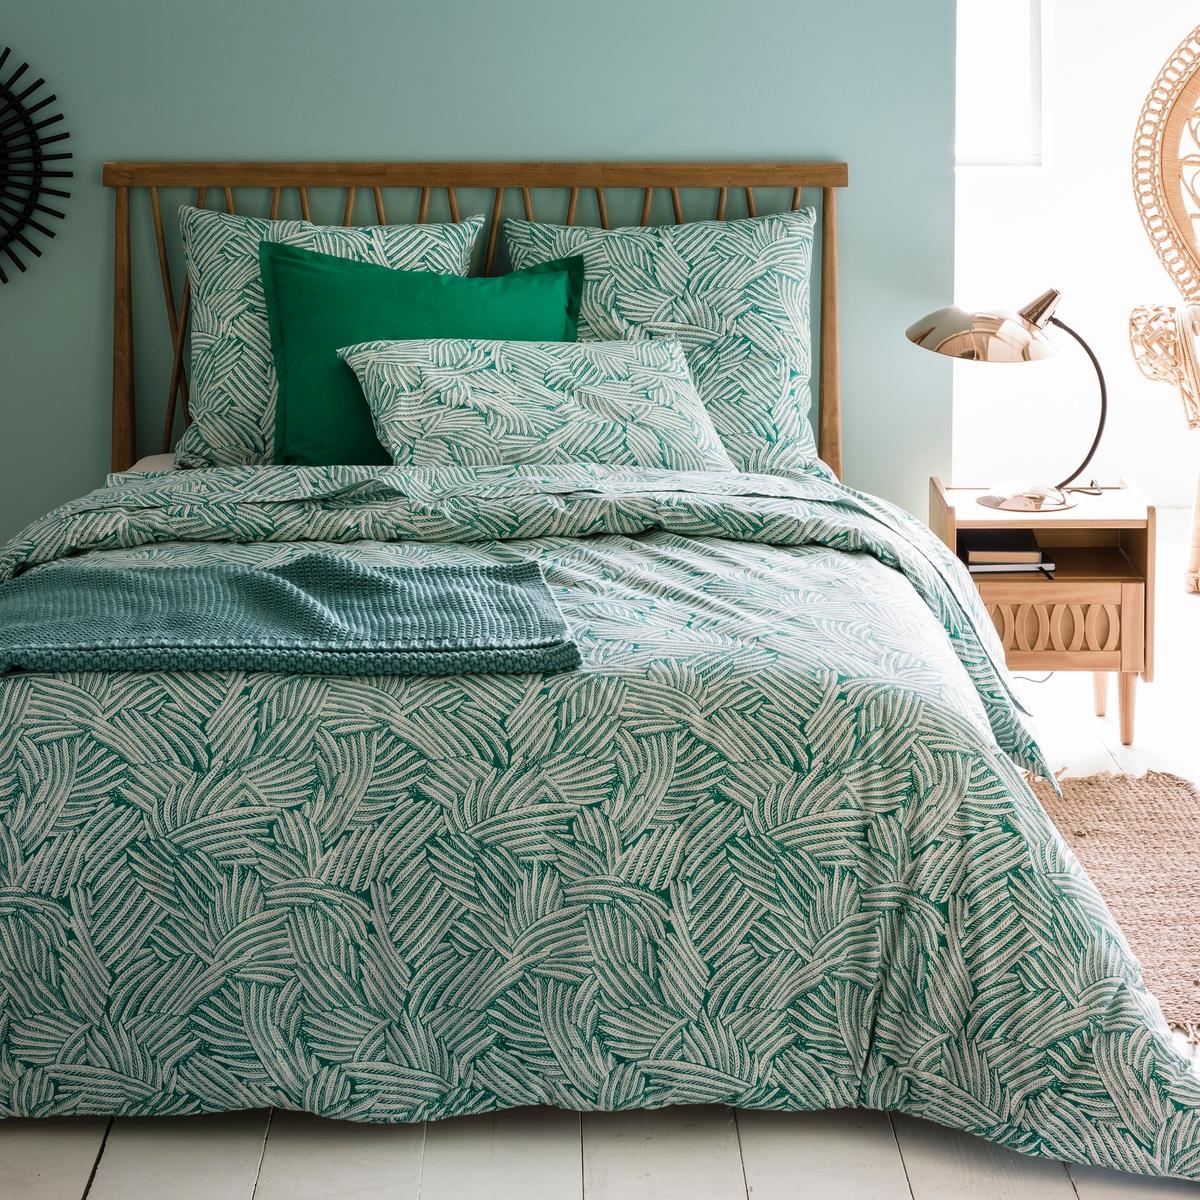 Пододеяльник с рисунком Ycata комплекты постельного белья tango постельное белье jacklyn 2 сп евро